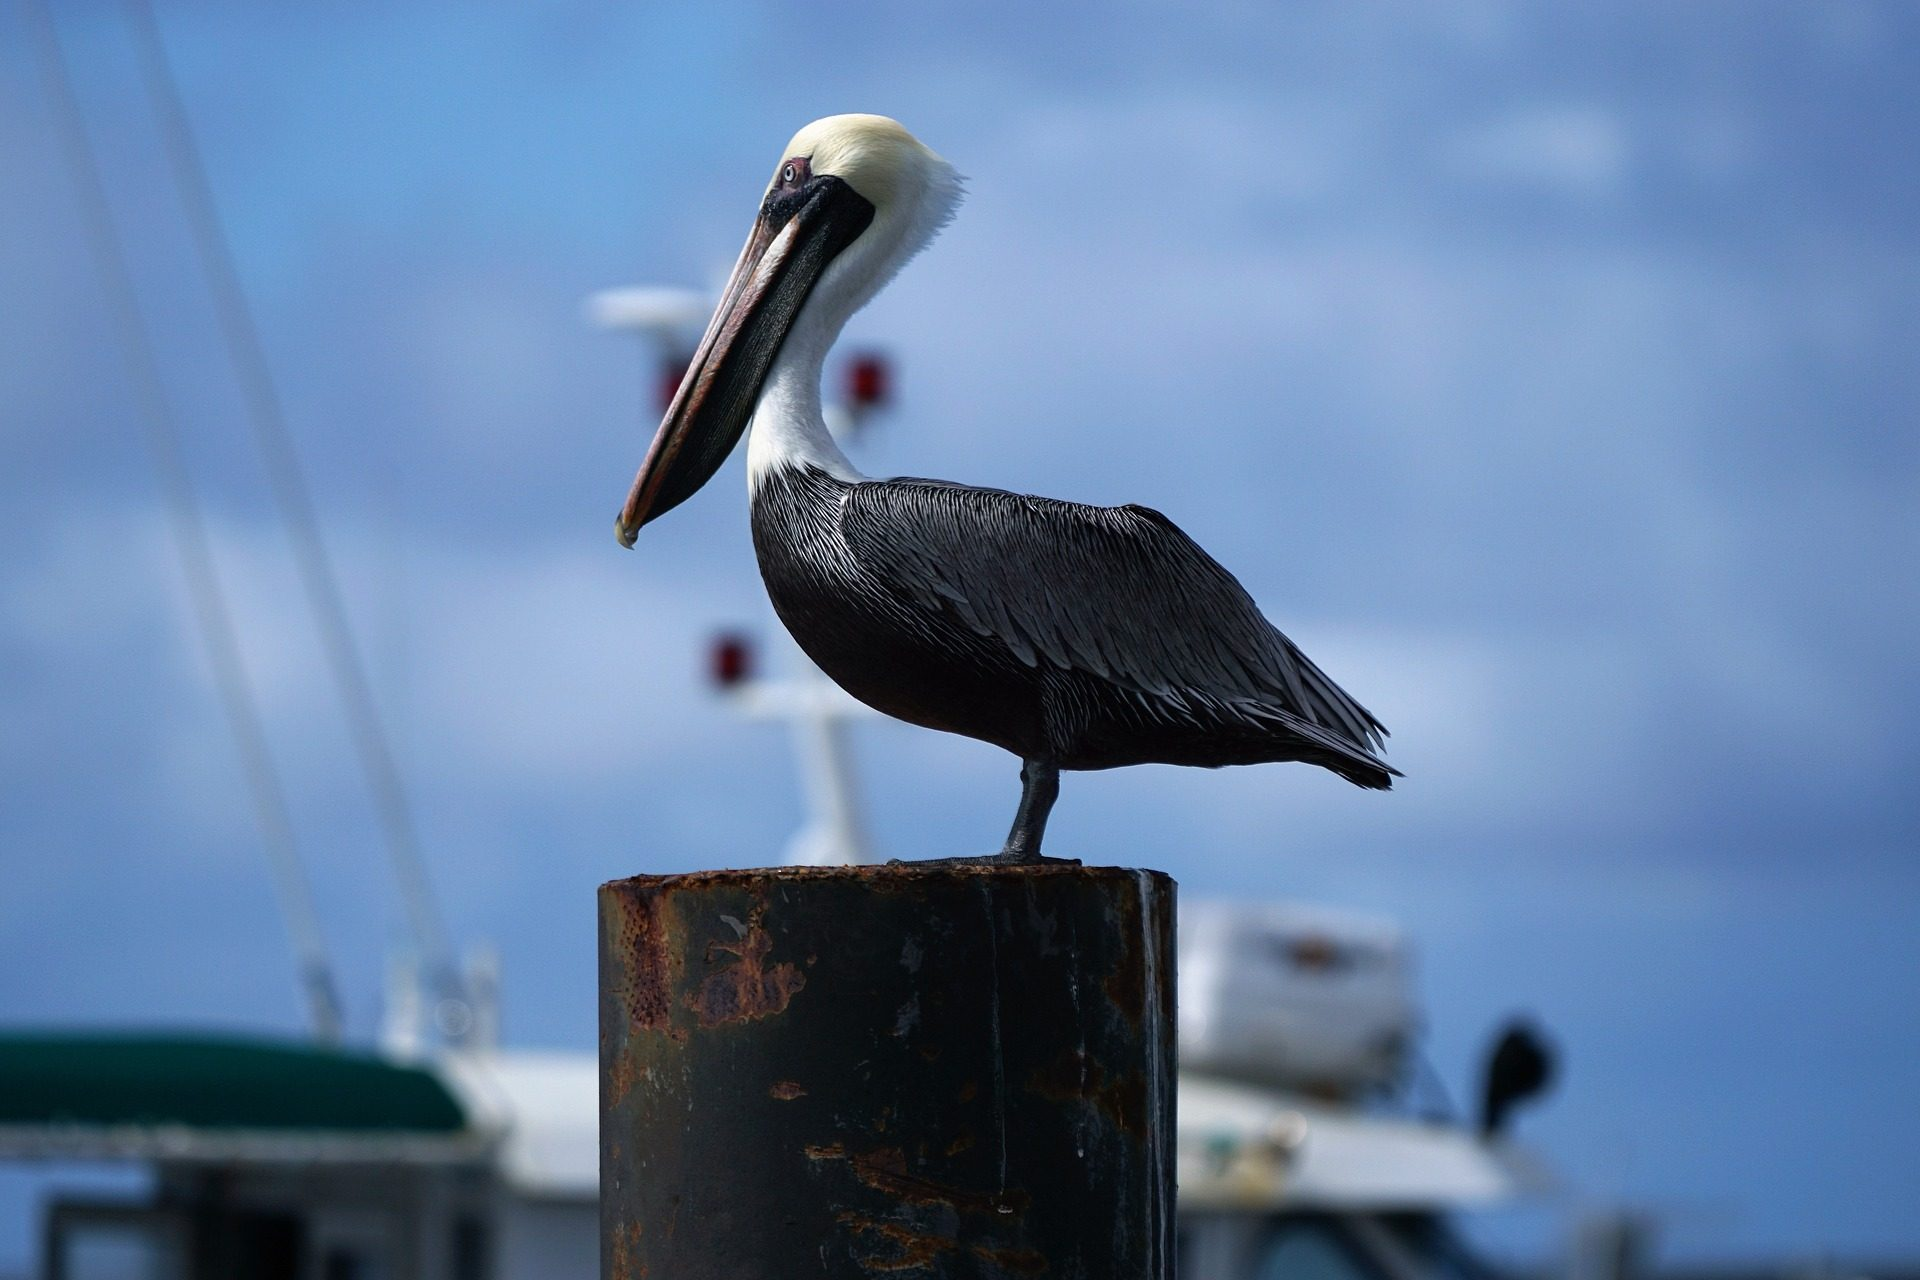 pelícano, ave, poste, puerto, barco, pájaro - Fondos de Pantalla HD - professor-falken.com